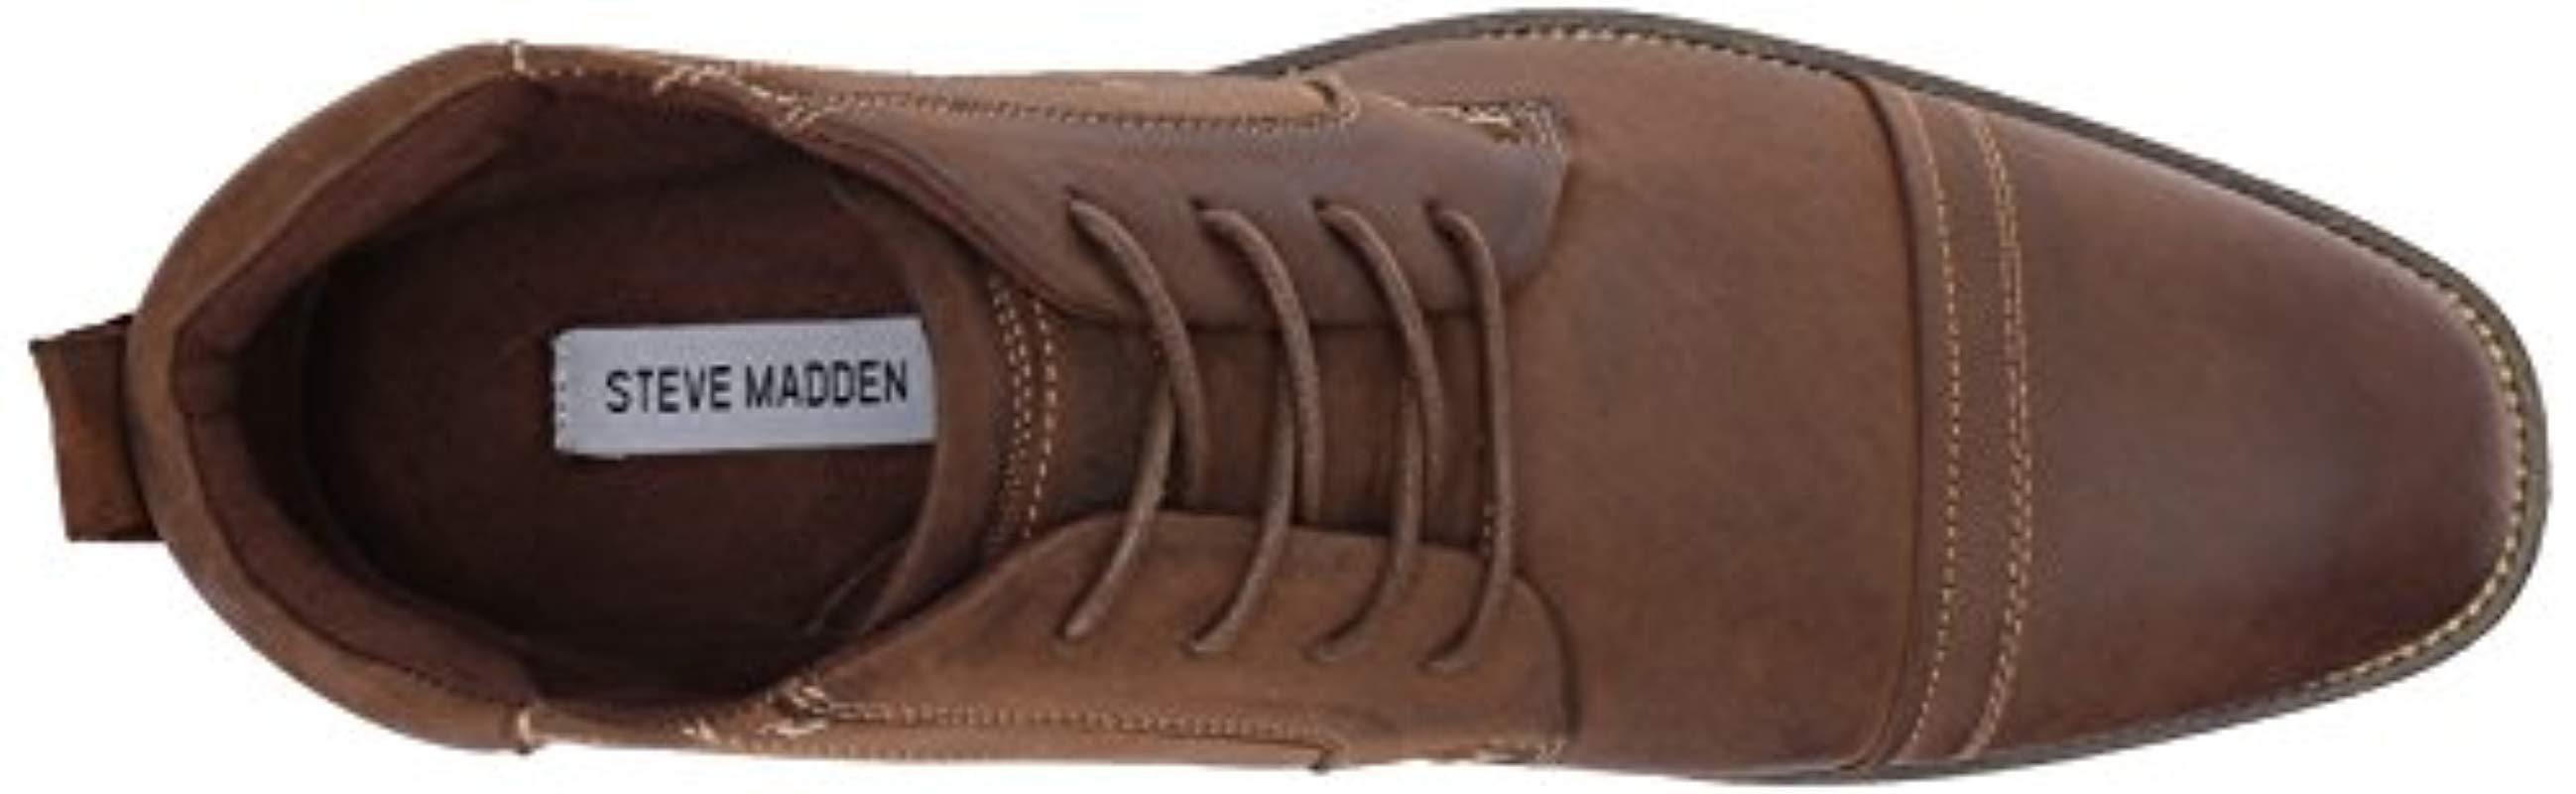 7e62e6f8497 Men's Brown Landon Chukka Boot